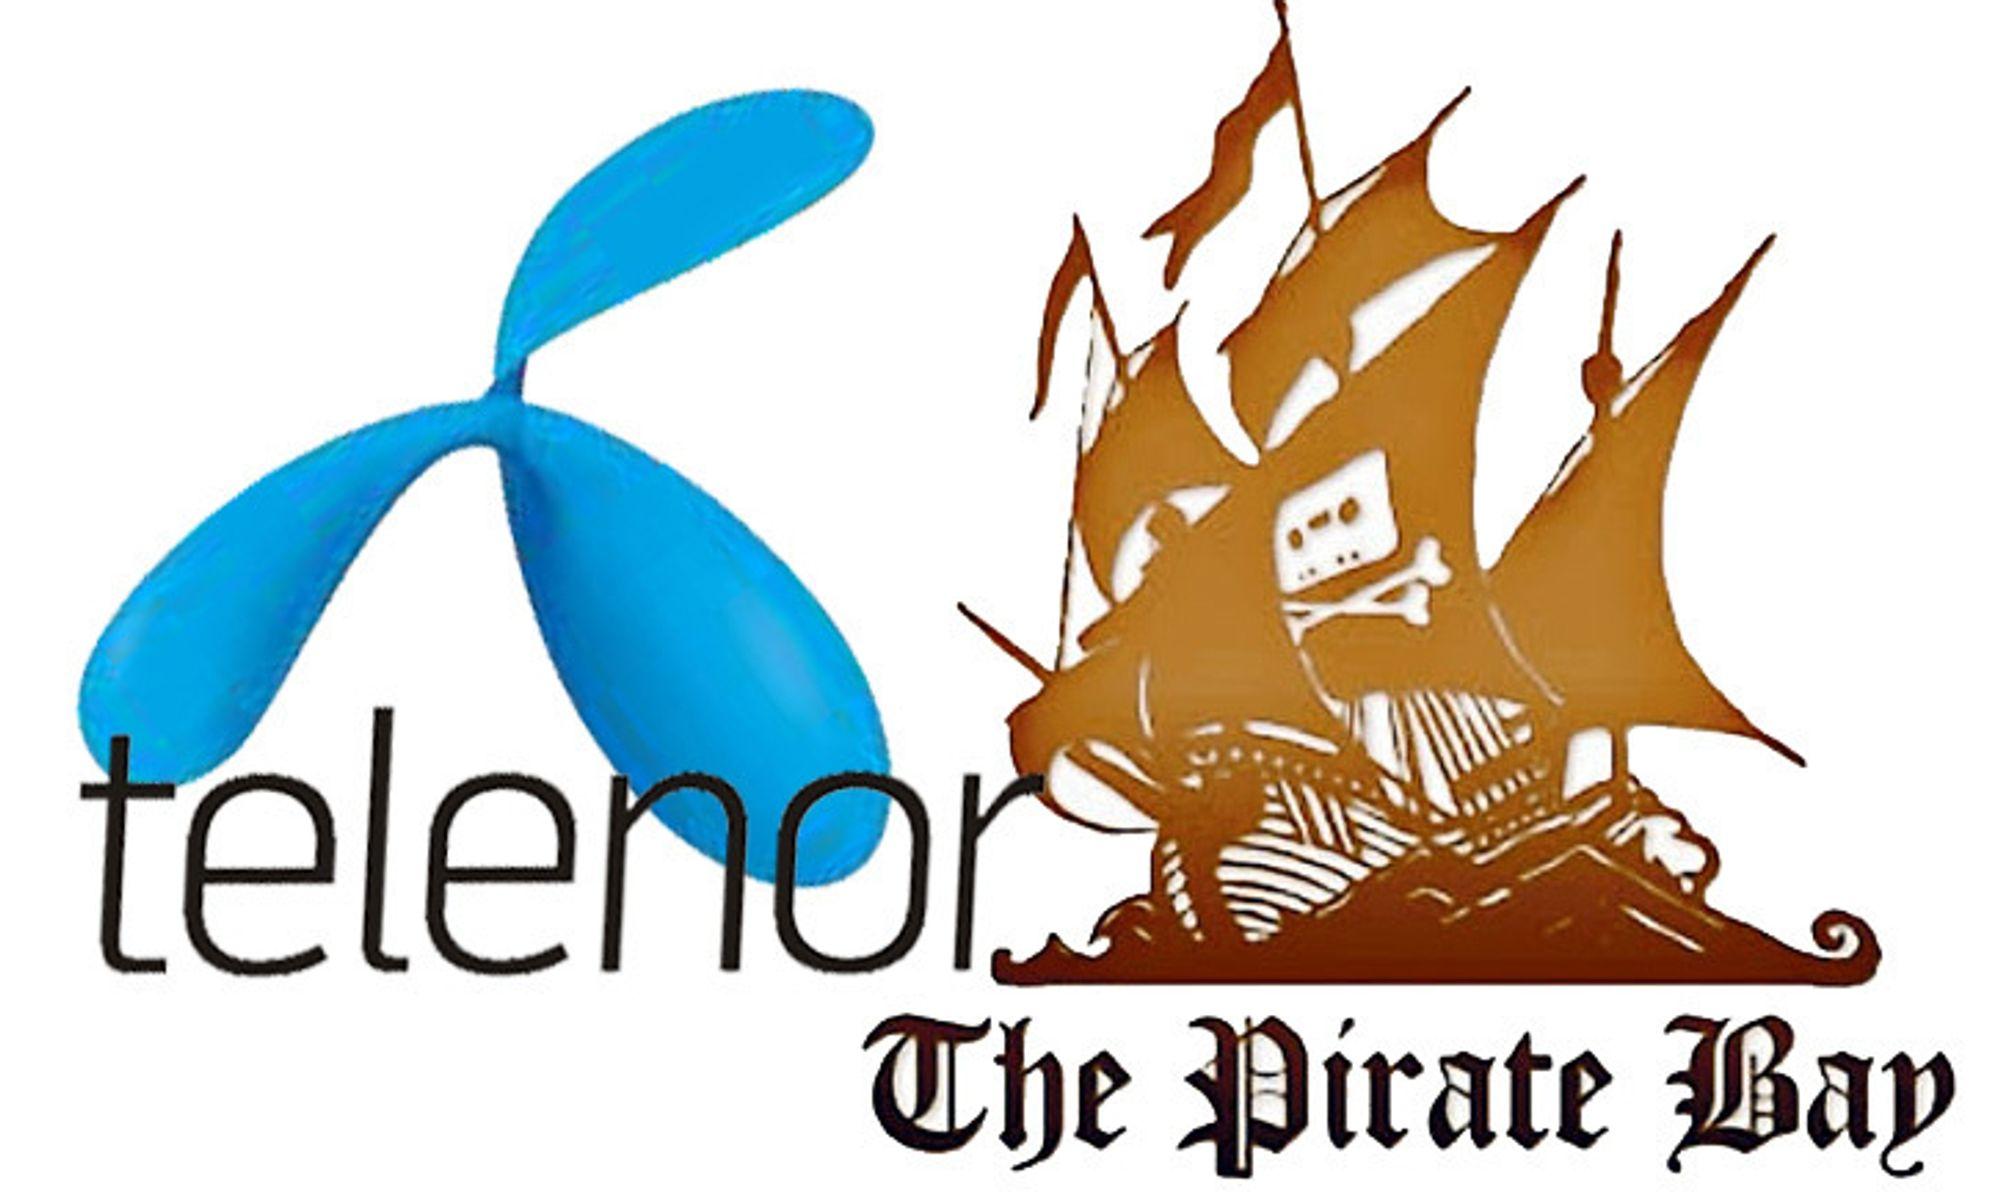 DOMMEN UTSATT: Pirate Bay kan bli stengt for Telenors kunder.